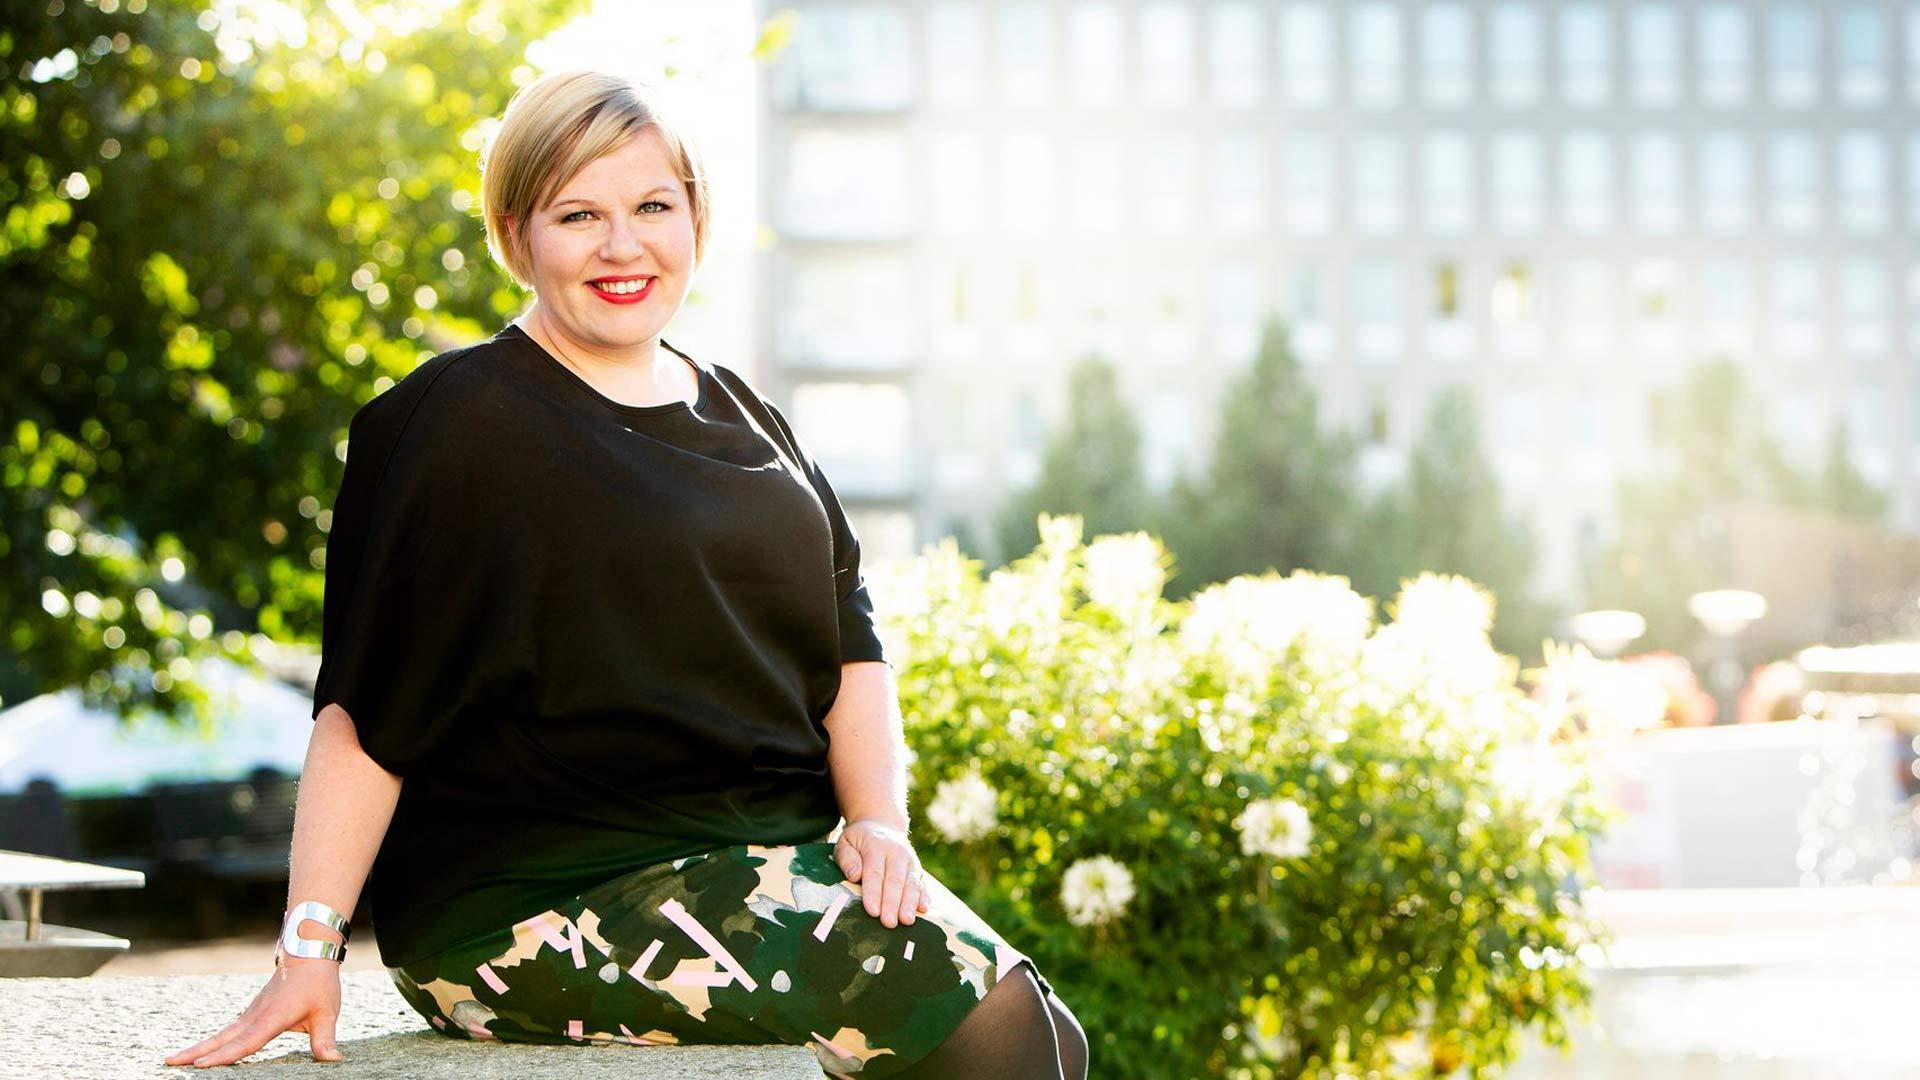 Annika Saarikko